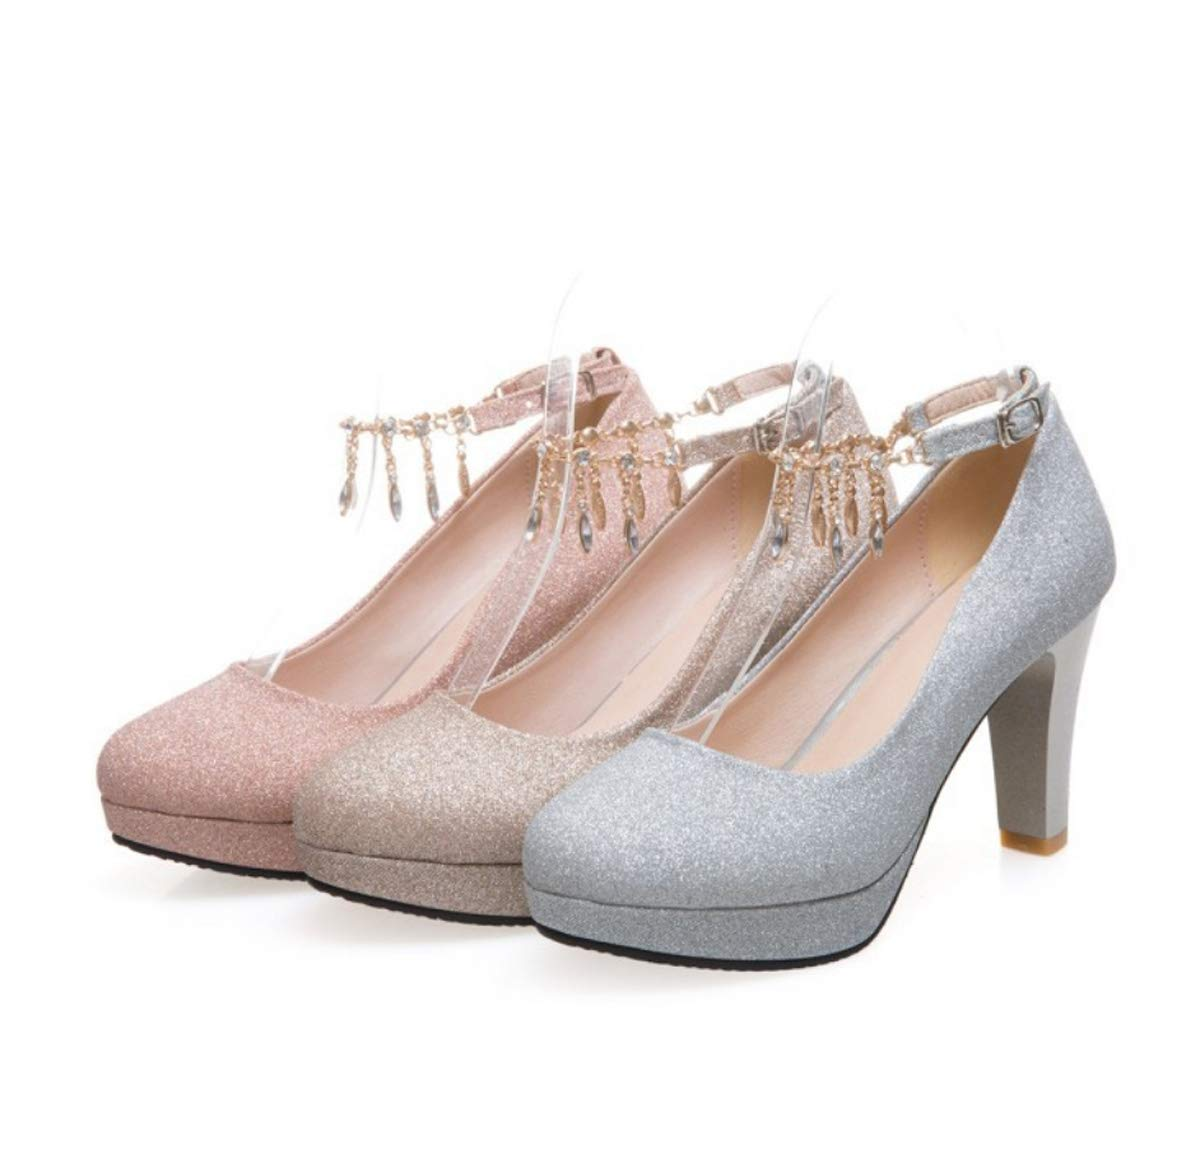 DANDANJIE Frauen Hochzeit Schuhe Stöckel Absatz Mode Mode Mode Schuhe High Heel Plattform Knöchelriemen Schuhe für 2019 Frühling db0761